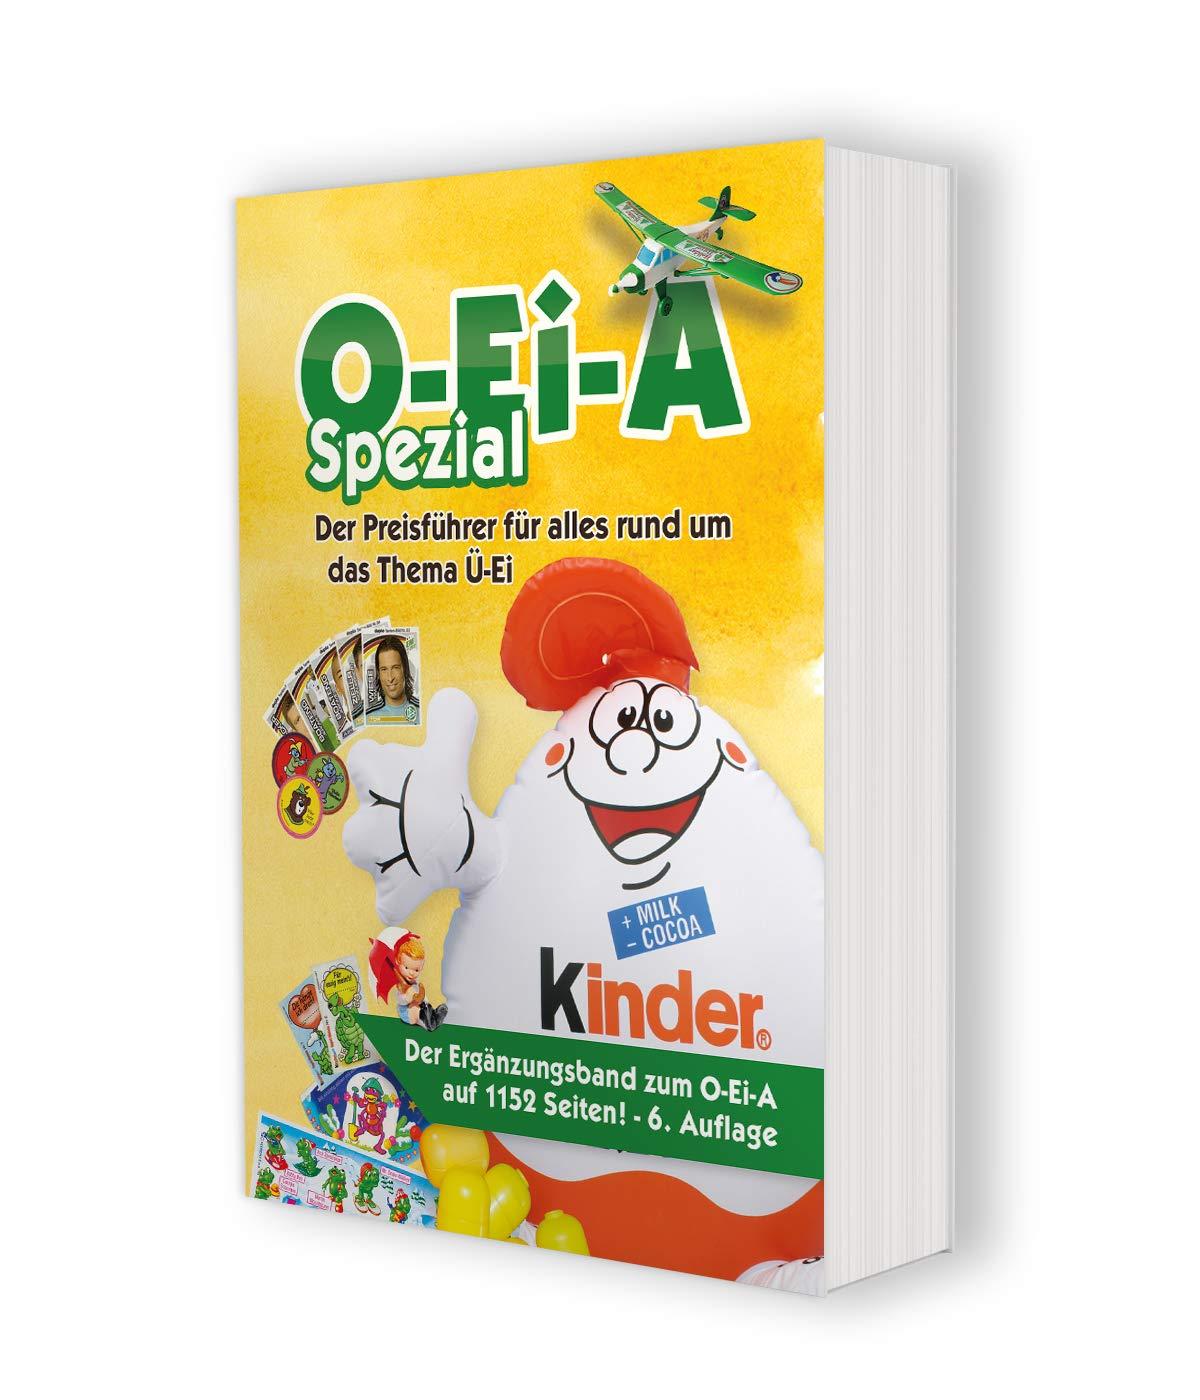 O-Ei-A Spezial (6. Auflage) - Der Preisführer für alles rund um das Thema Ü-Ei (Englisch) Taschenbuch – 31. August 2018 André Feiler Feiler Verlag 394455020X Sammlerkataloge